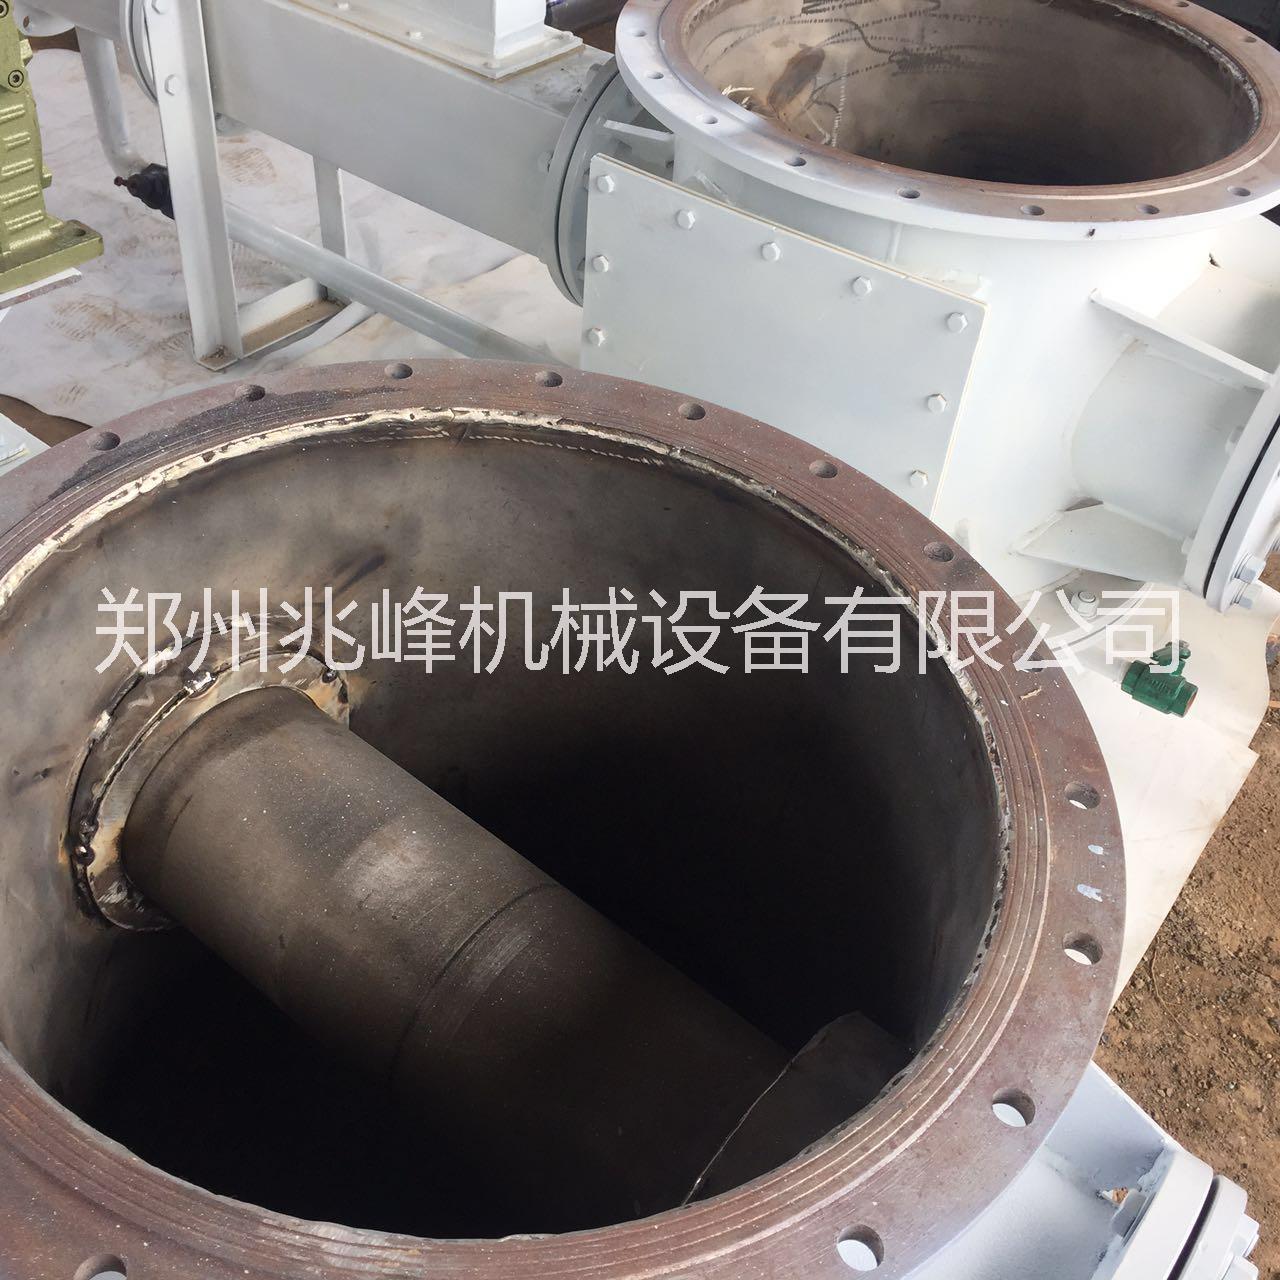 气力输送料封泵图片/气力输送料封泵样板图 (2)